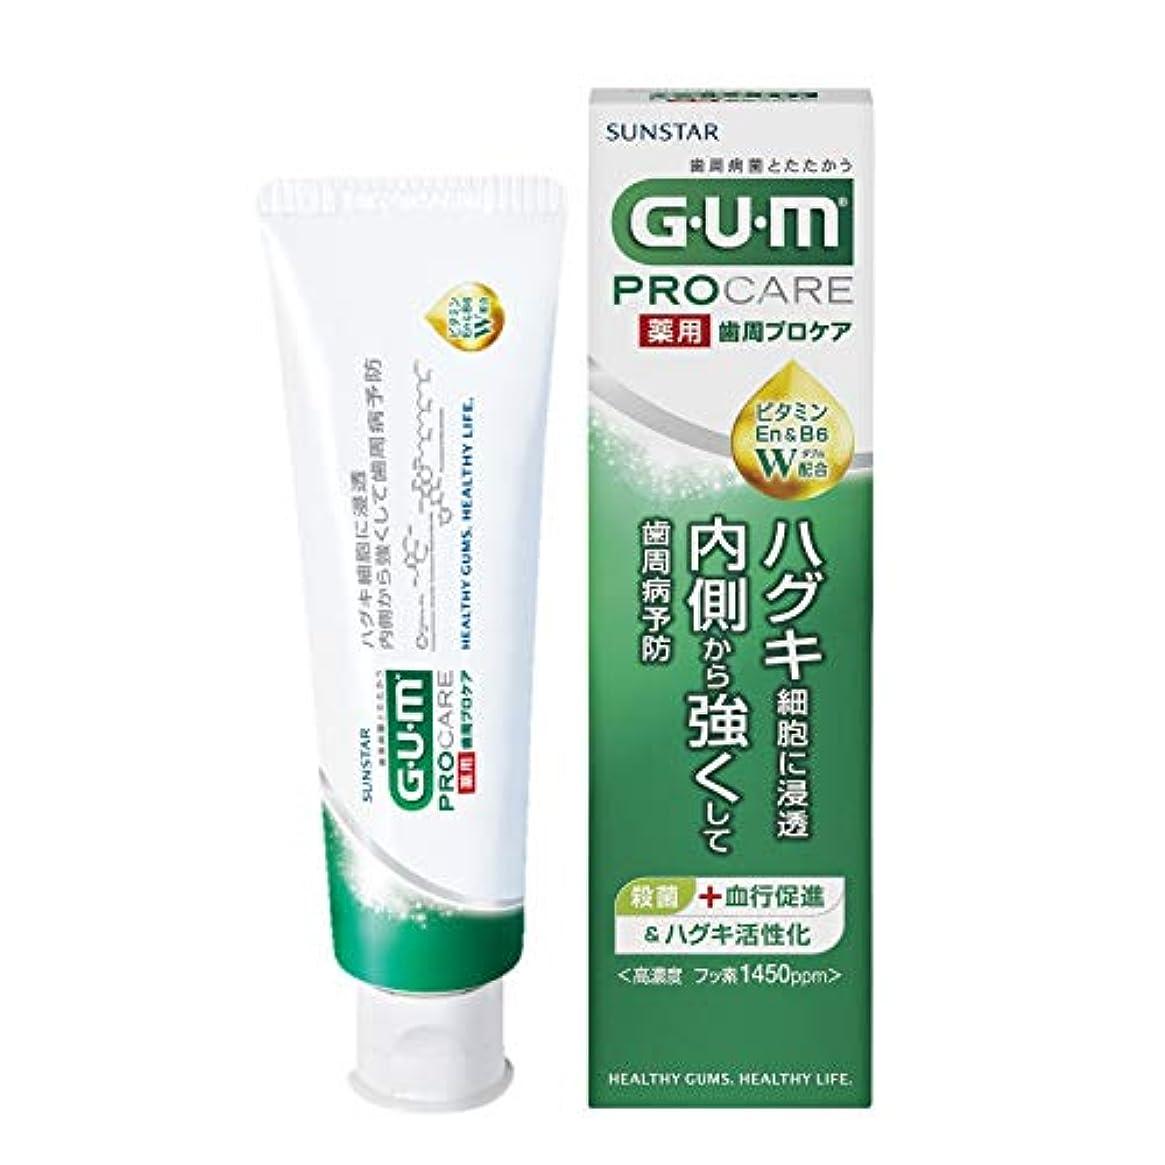 開梱透過性消化器[医薬部外品] GUM(ガム) 歯周プロケア 歯みがき 90g <歯周病予防 ハグキケア 高濃度フッ素配合 1450ppm>